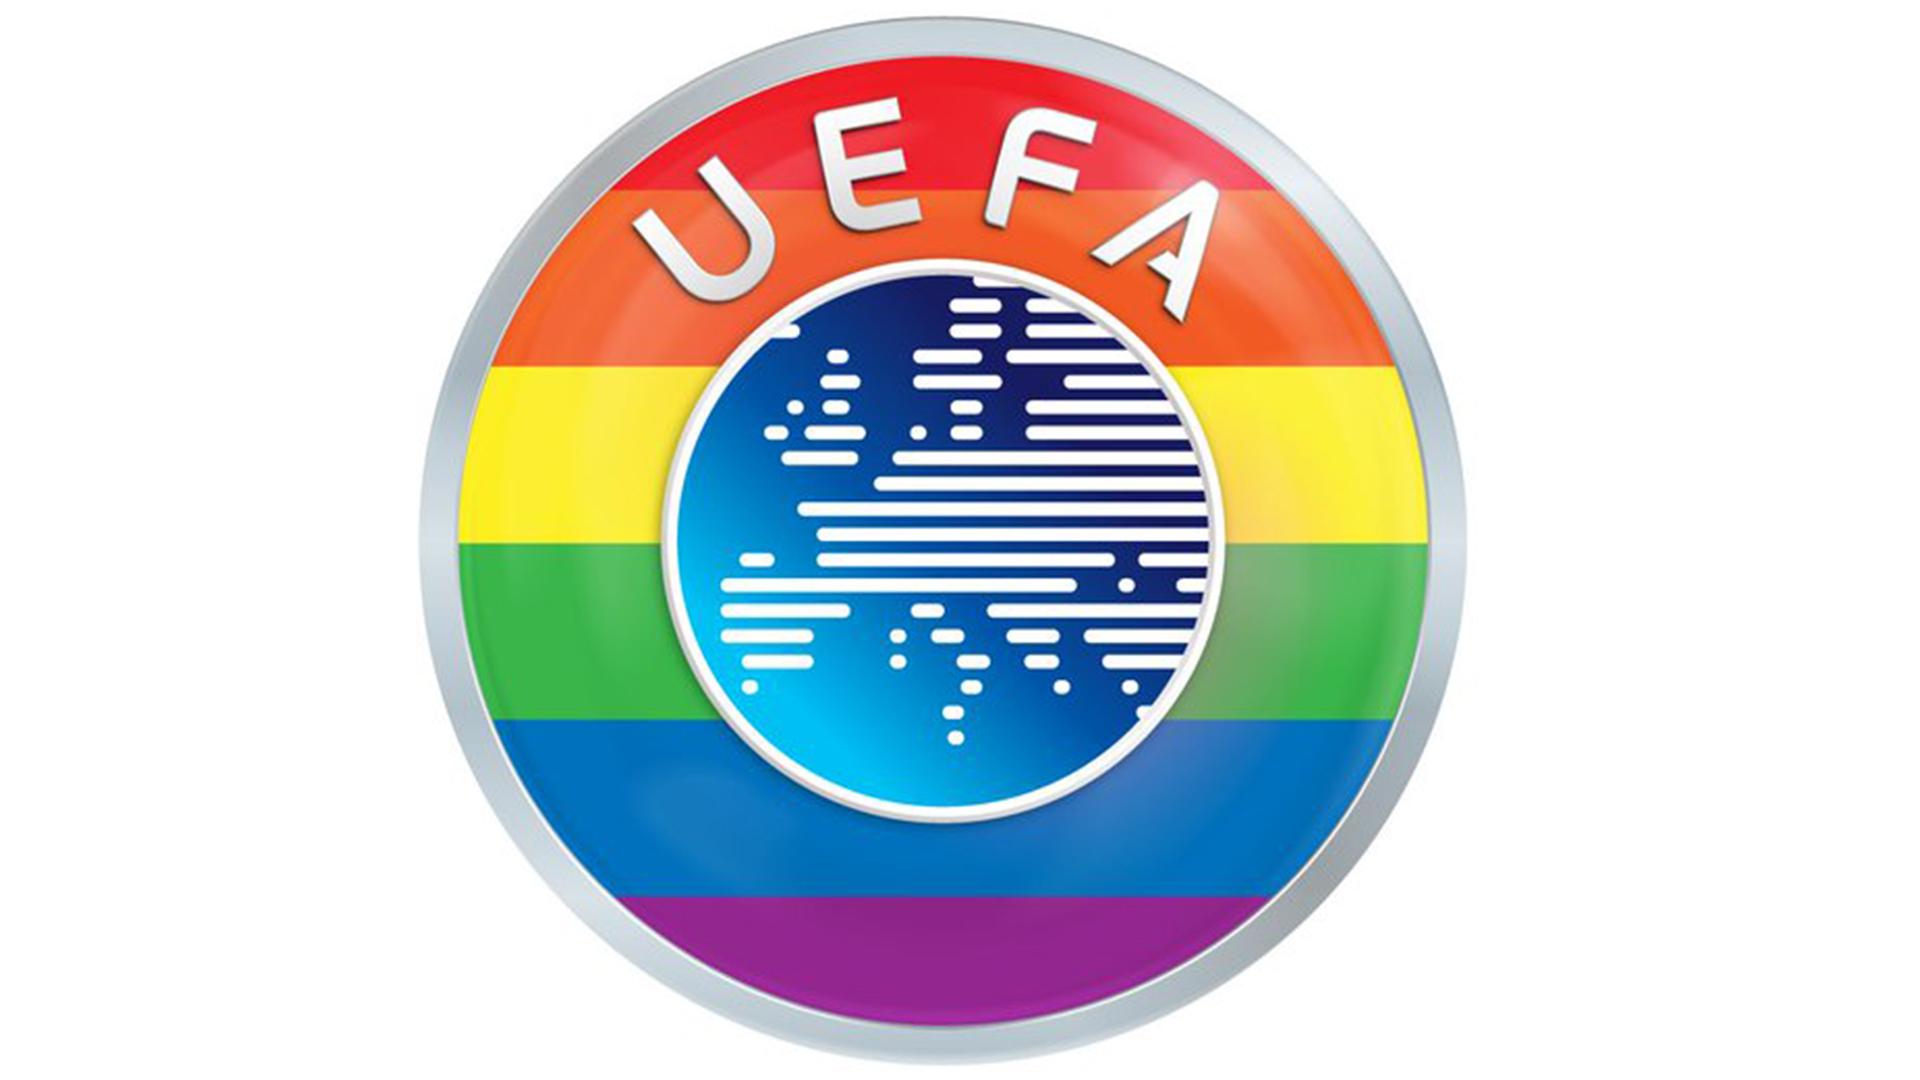 UEFA utilizó los colores del arcoíris como respaldo a la comunidad LGBT y explicó por qué impidió iluminar el estadio de Múnich